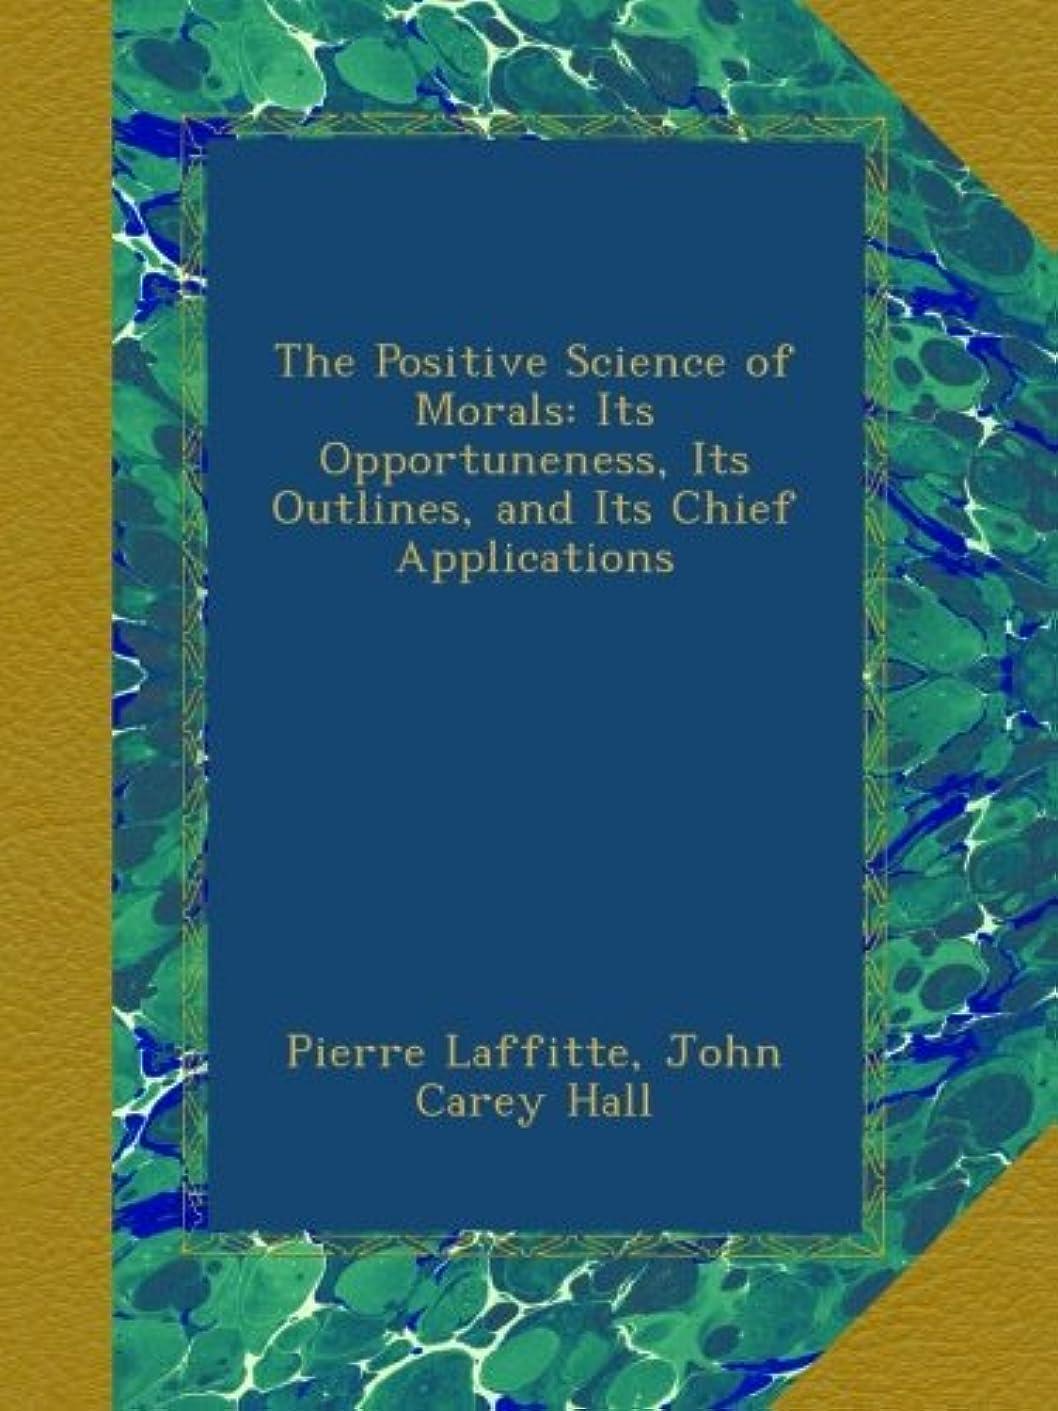 甘味除外する玉The Positive Science of Morals: Its Opportuneness, Its Outlines, and Its Chief Applications